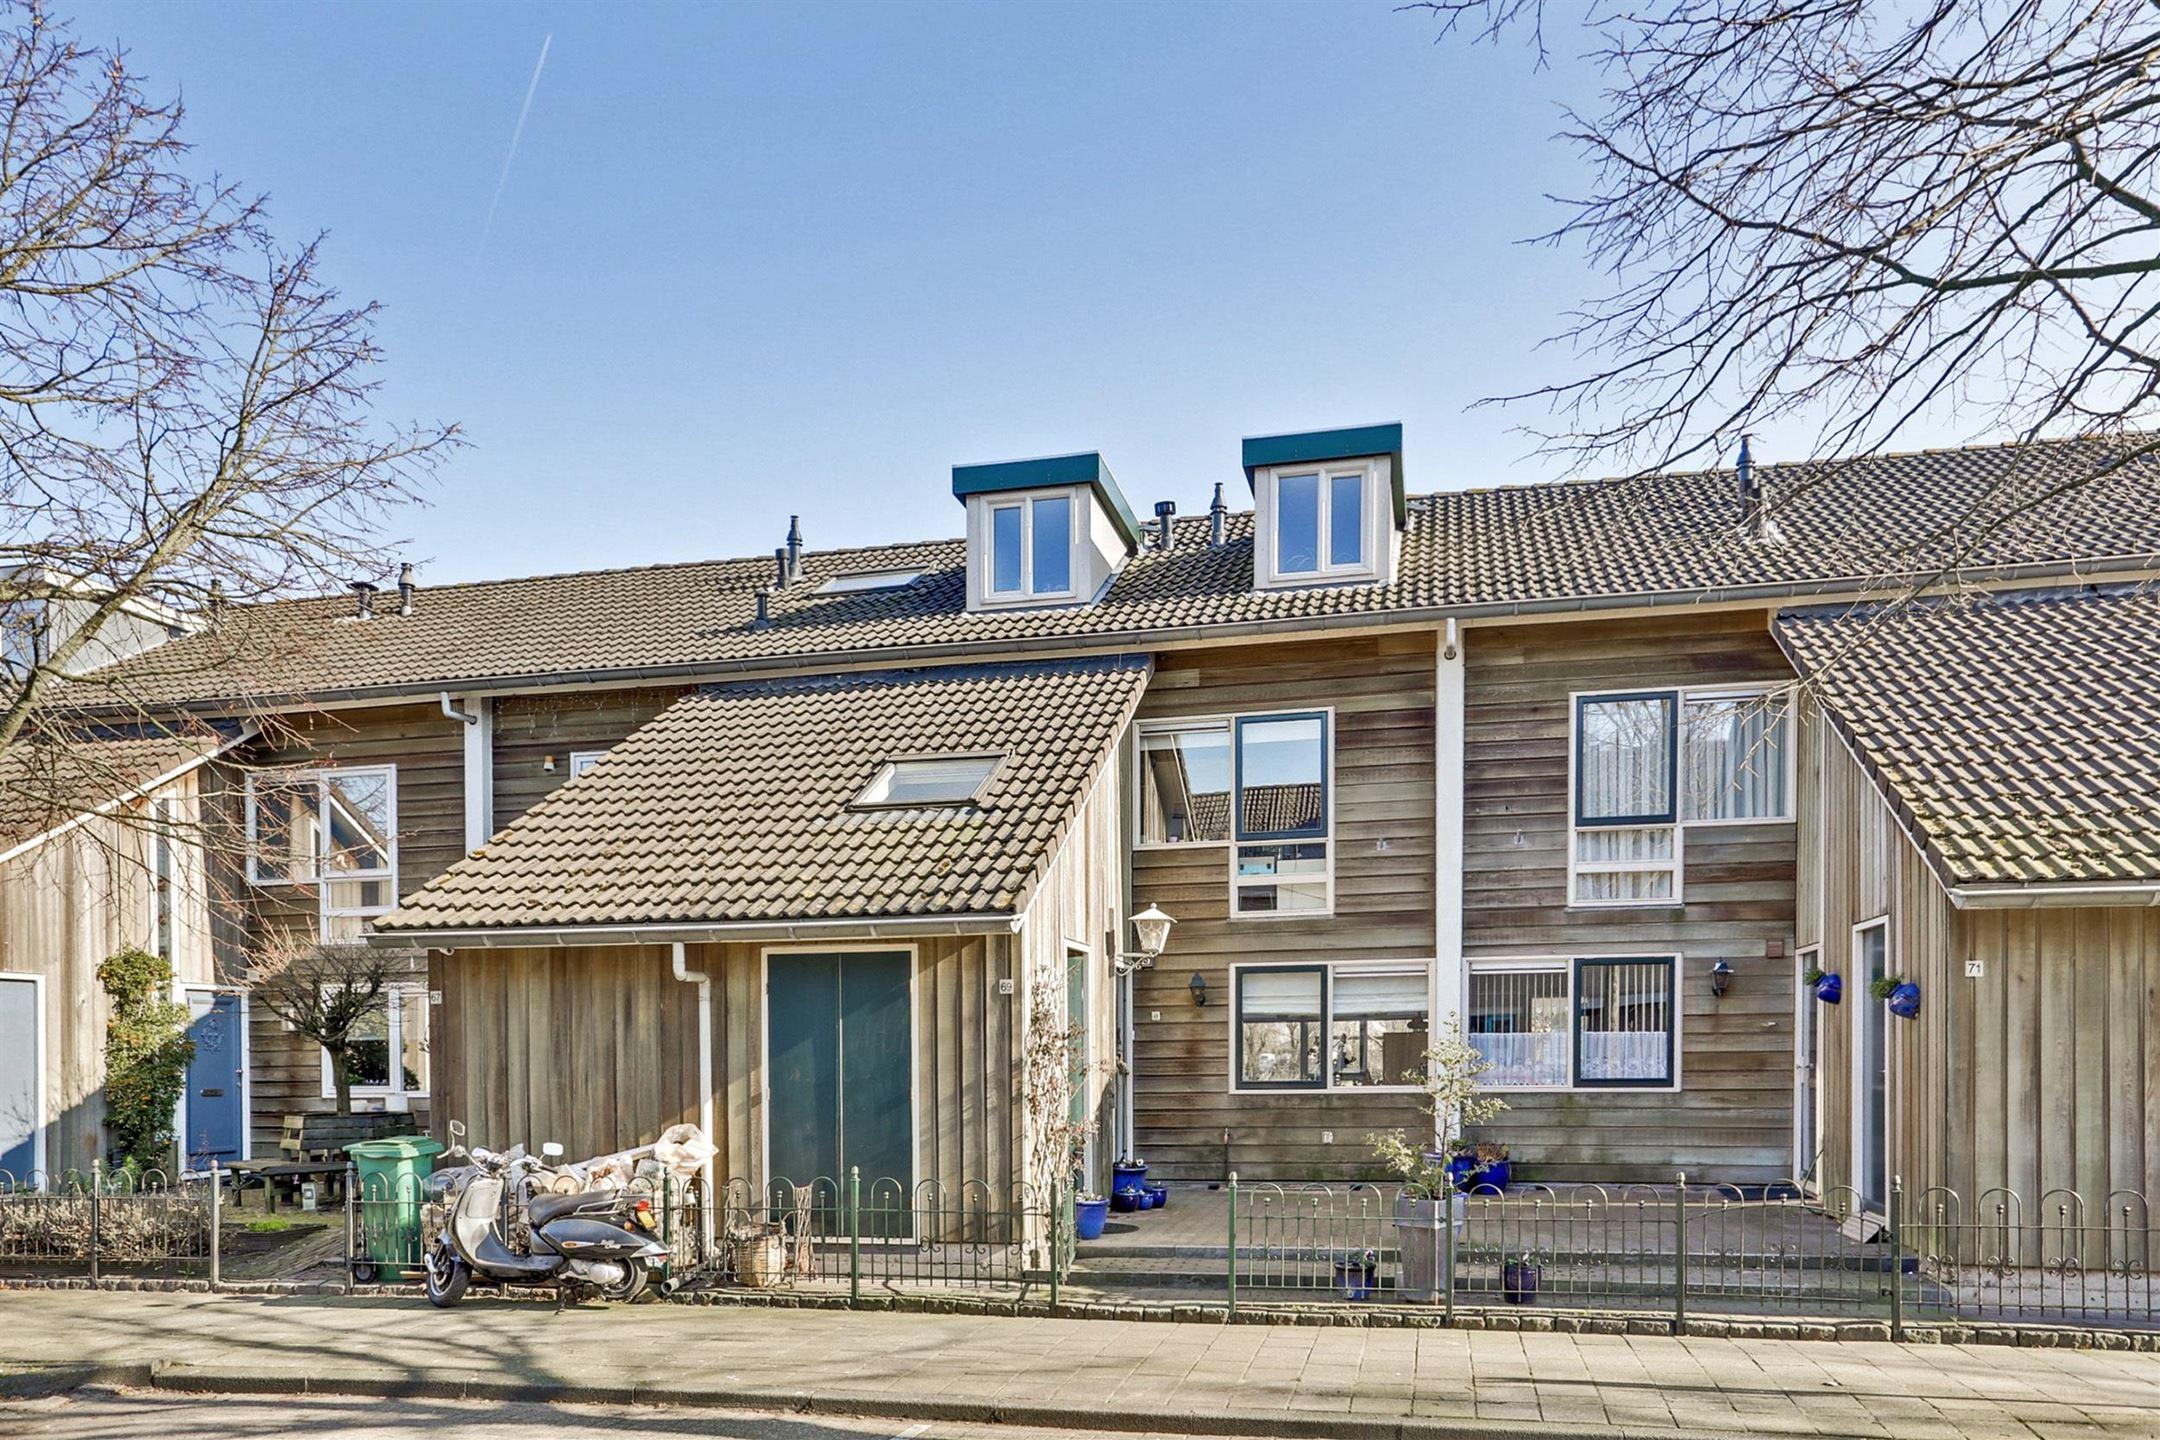 parkwijk-zuiderpolder-haarlem